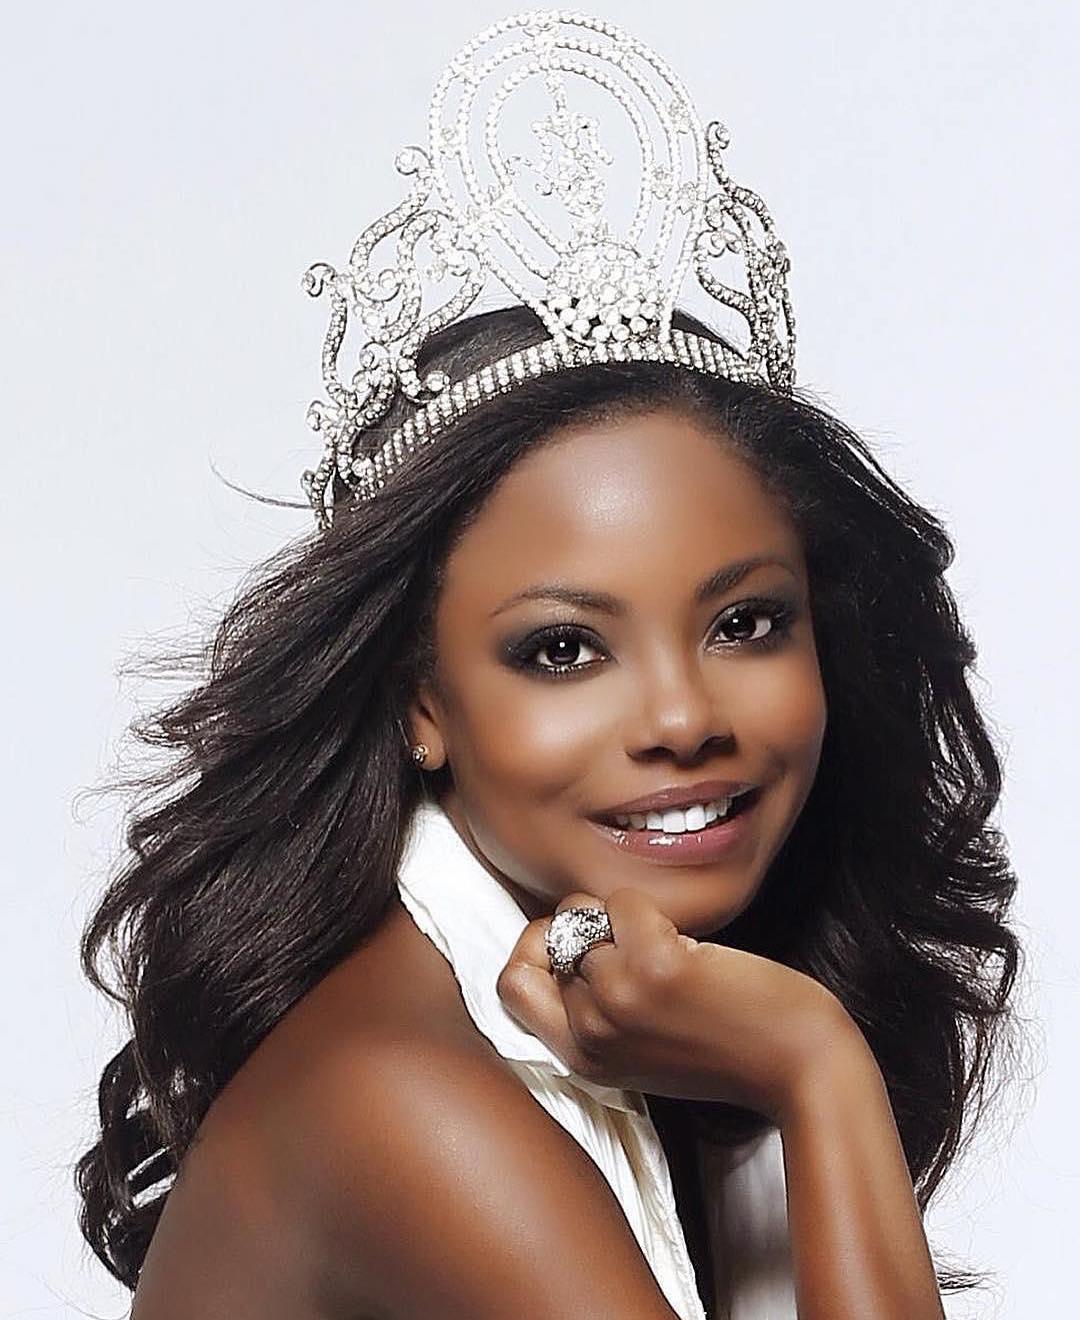 Узнайте, кто стал Мисс Вселенная в год вашего рождения-Фото 21